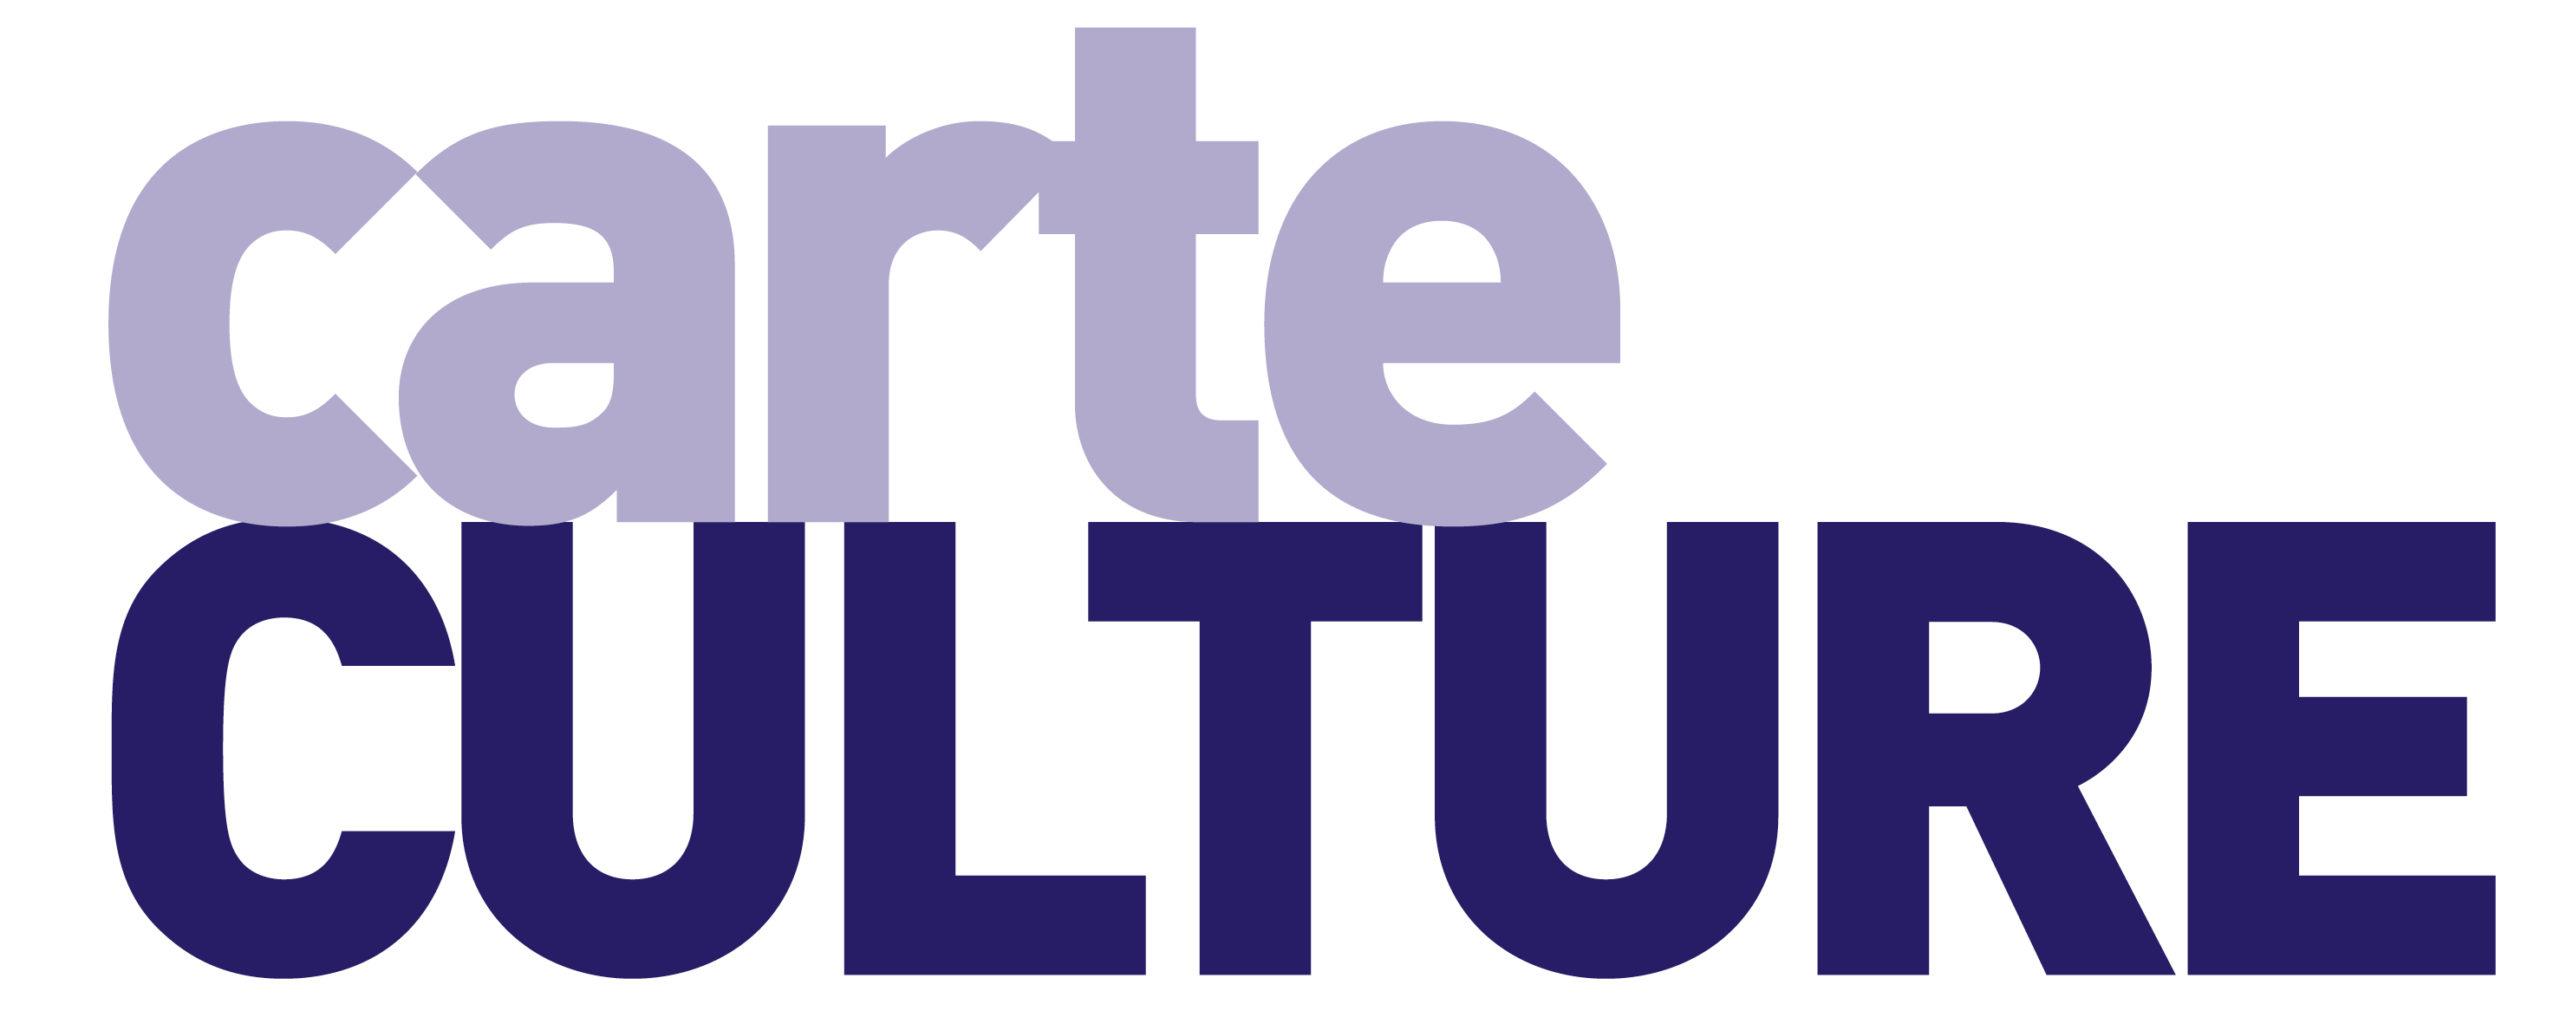 BlocMarque CarteCulture 2019 2020